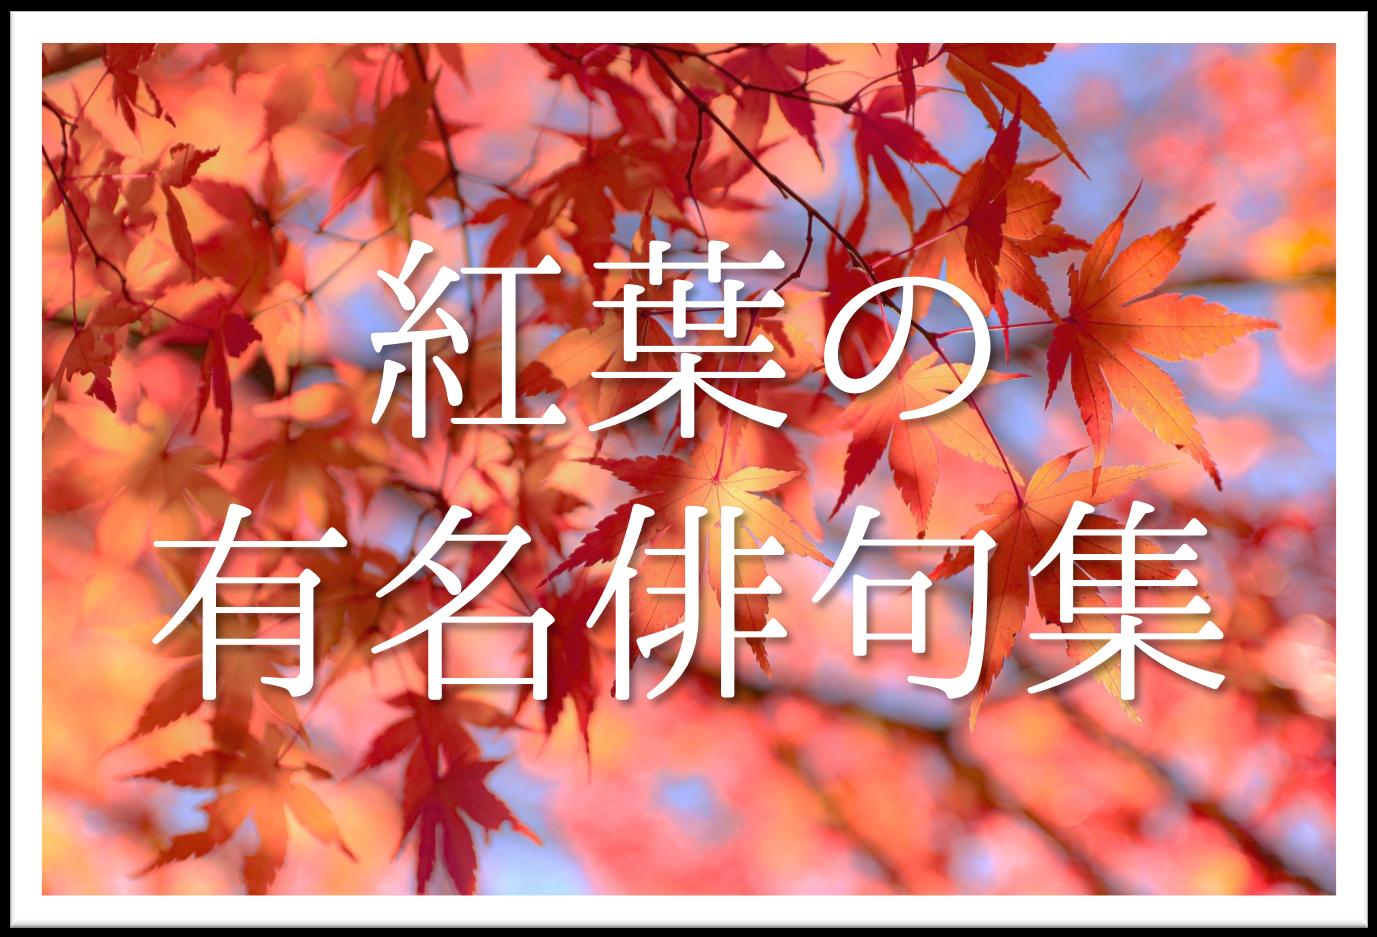 【紅葉(もみじ)の有名俳句 20選】知っておきたい!!季語を含むおすすめ俳句を紹介!